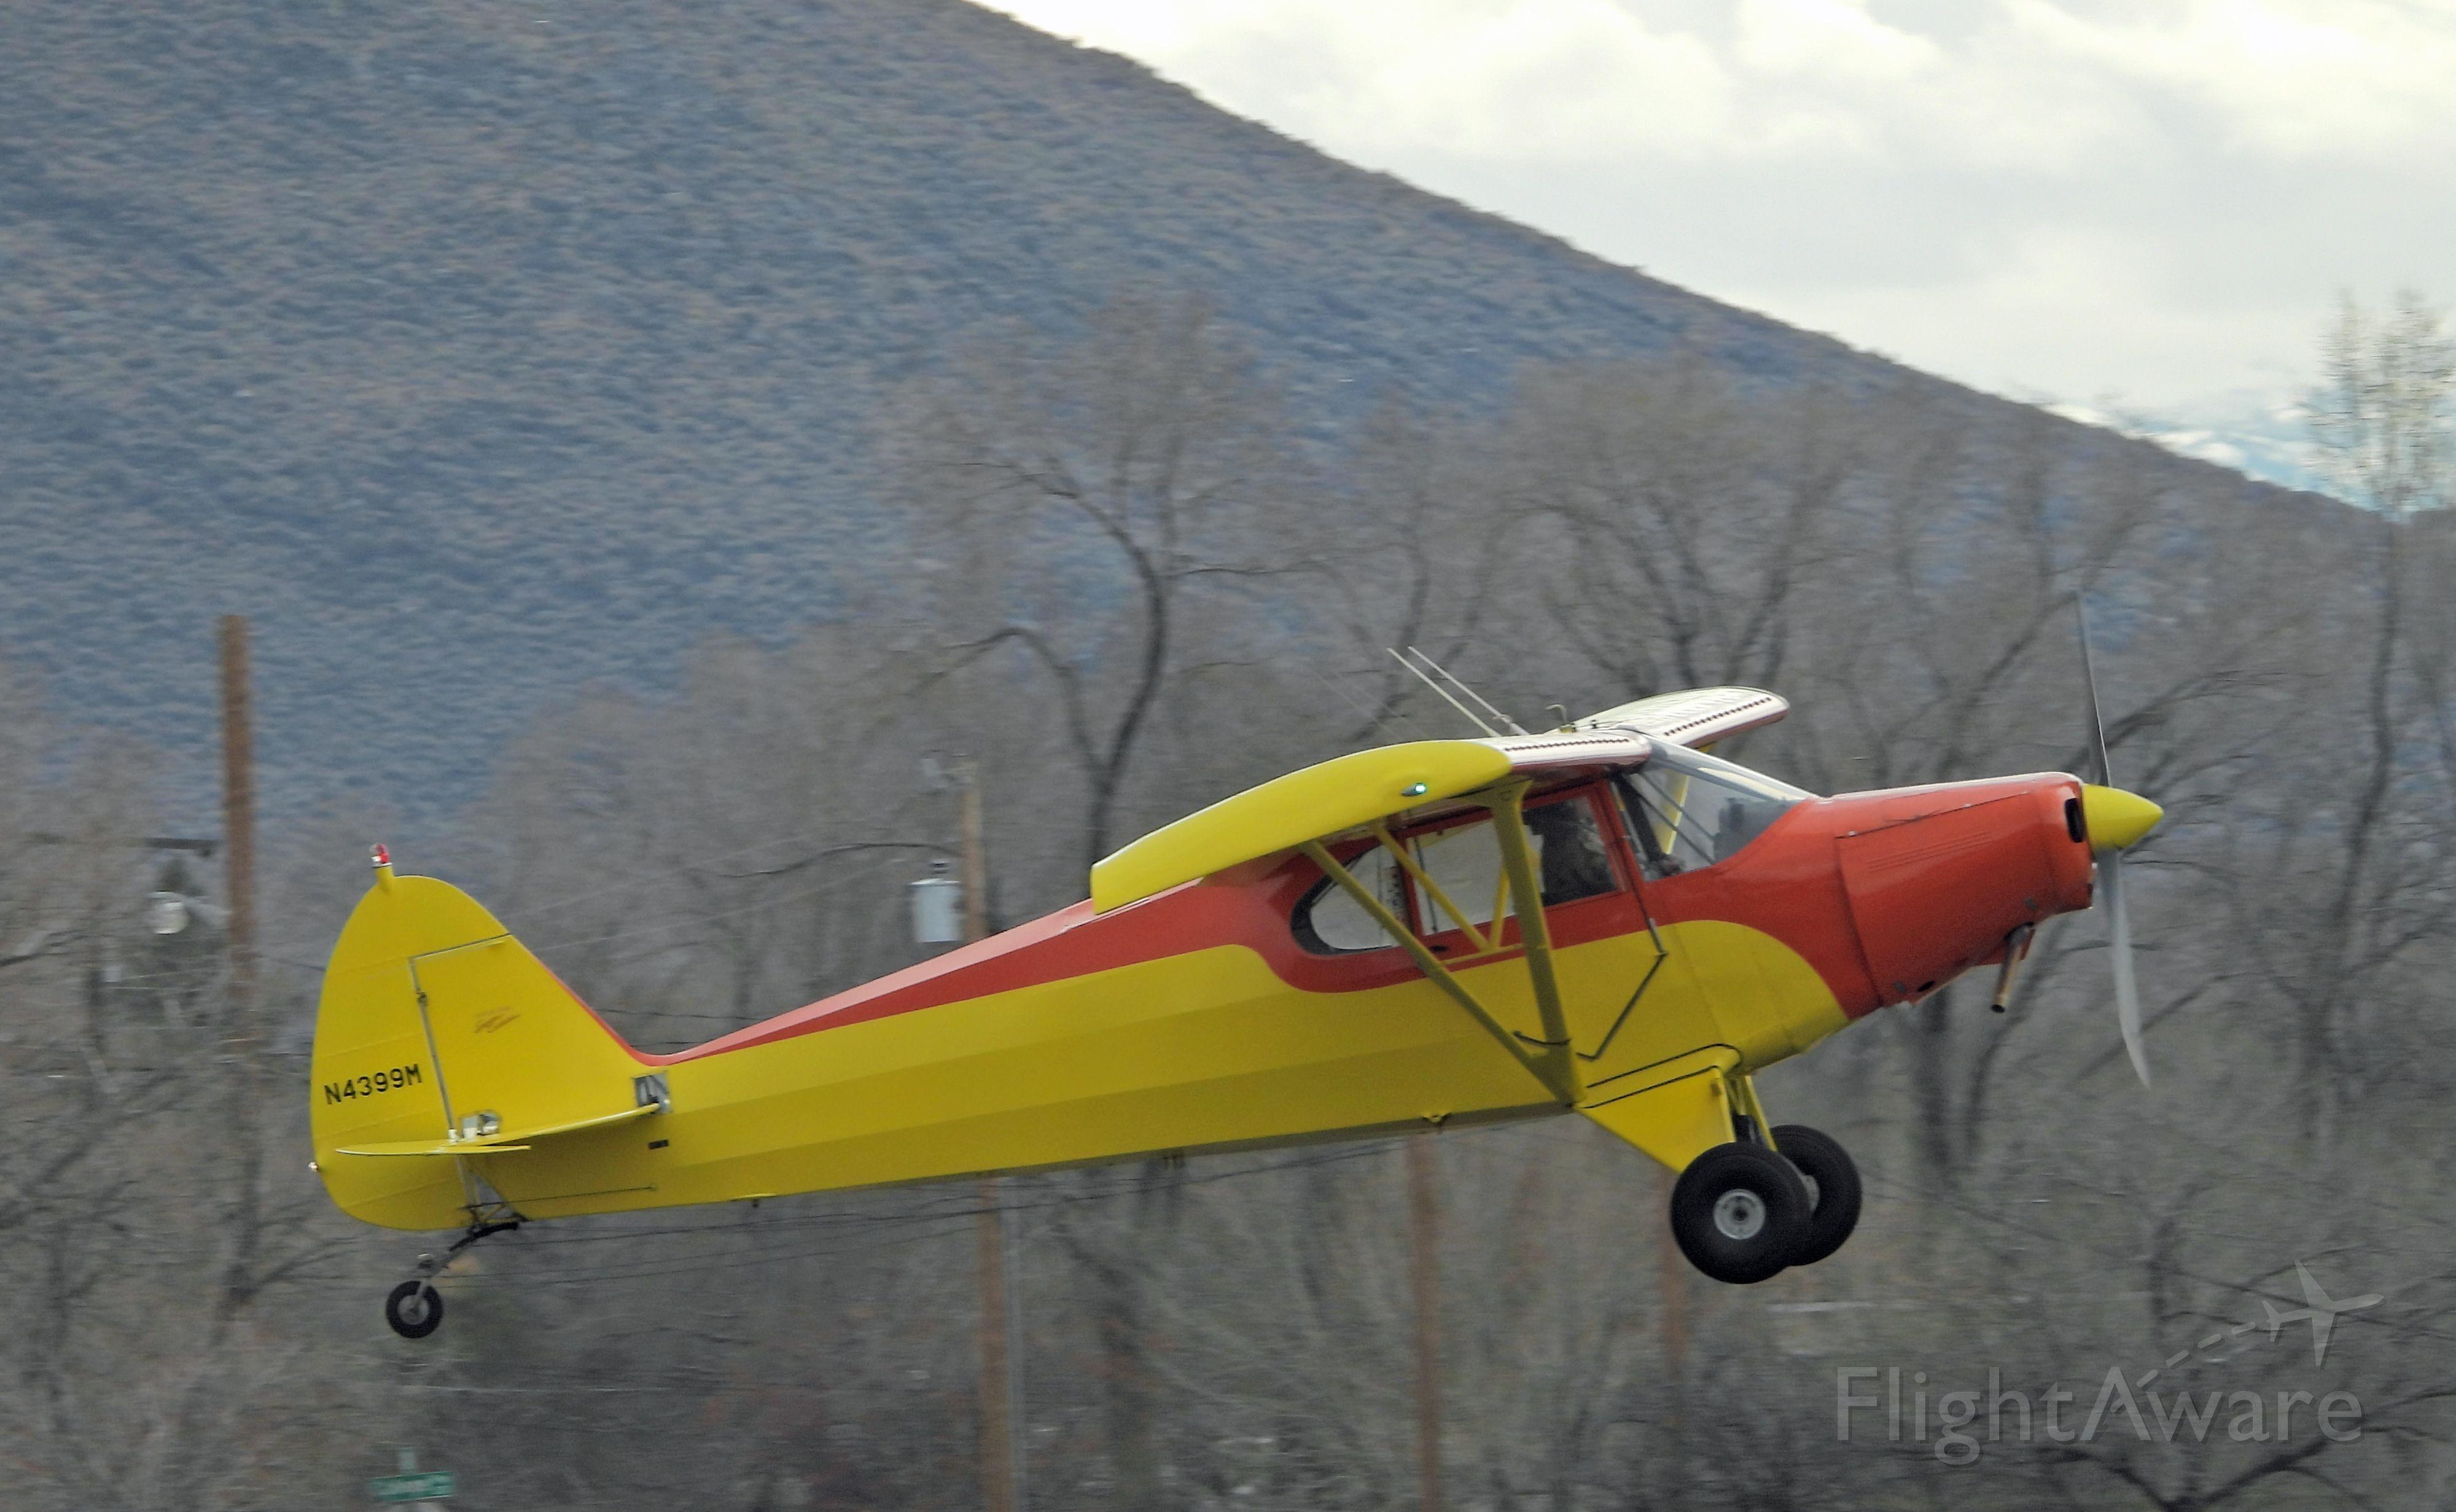 Piper PA-12 Super Cruiser (N4399M)